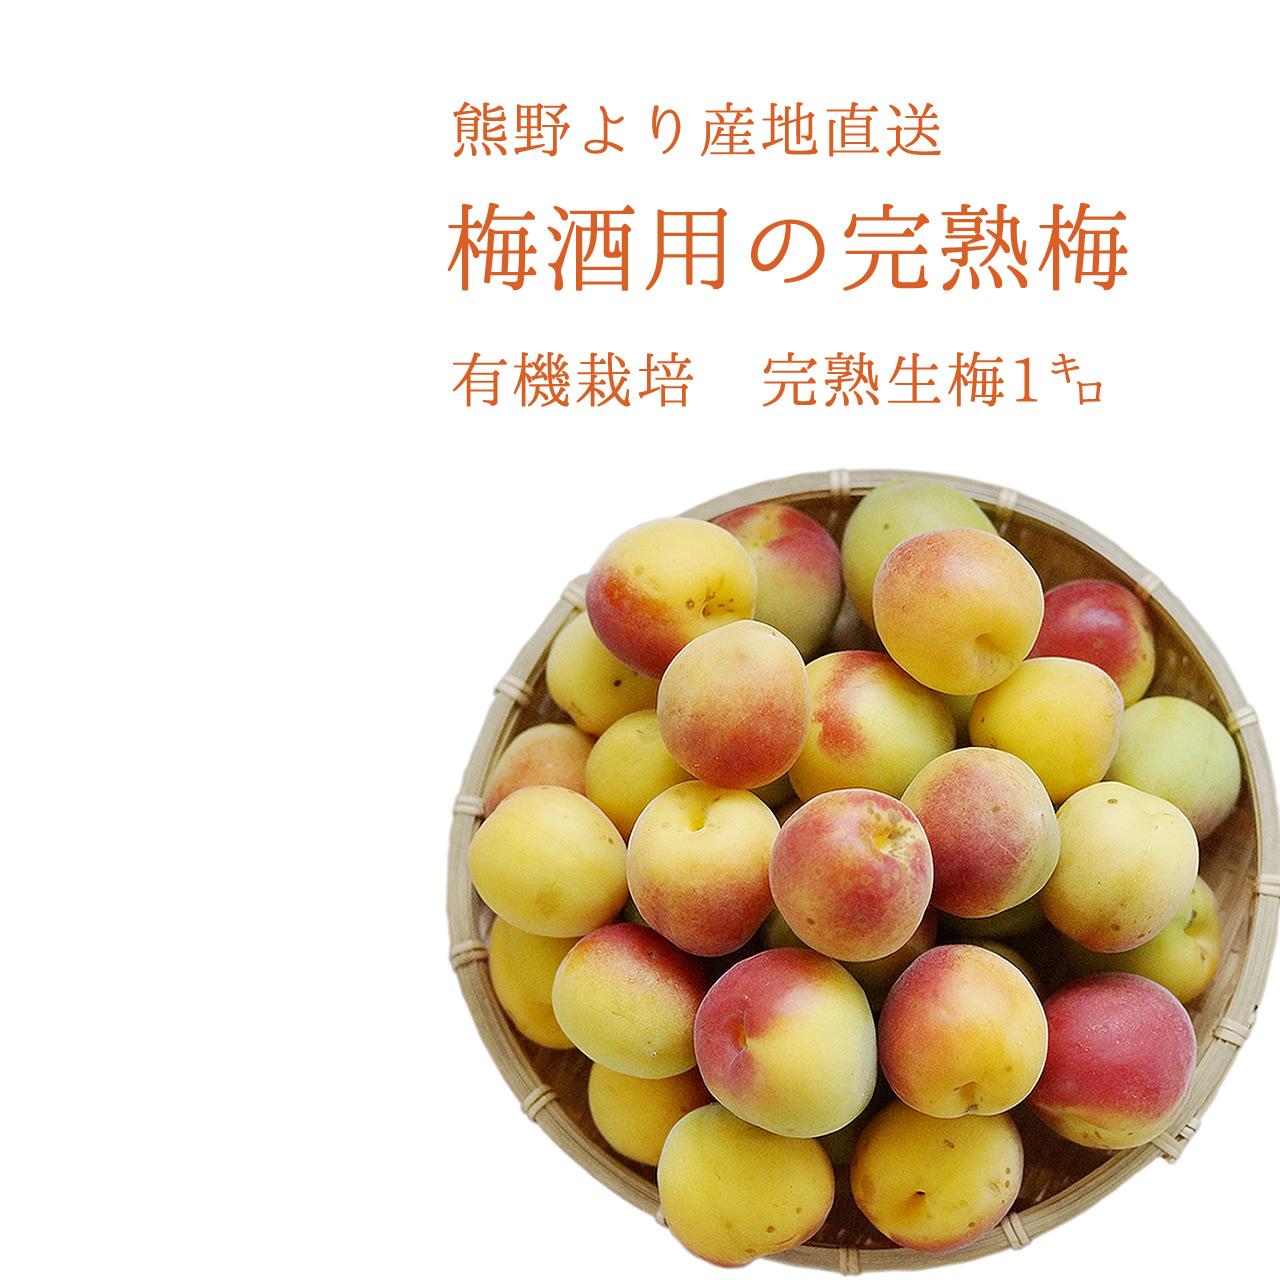 有機JAS認証の梅酒つくり専用の生梅